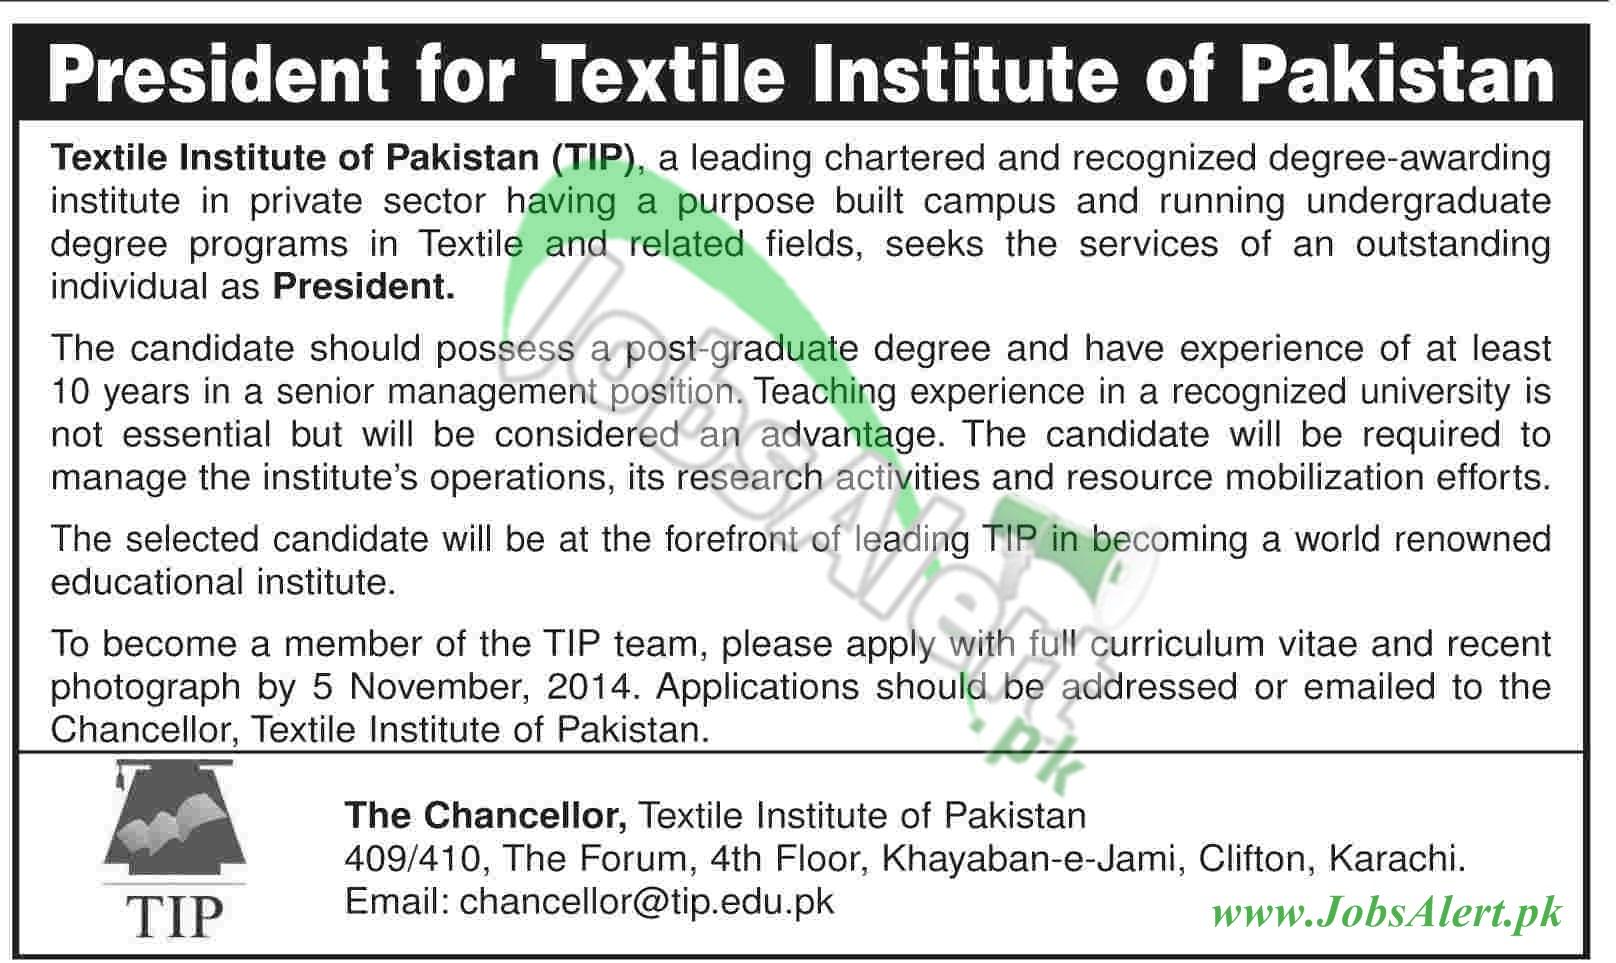 Textile Institute of Pakistan